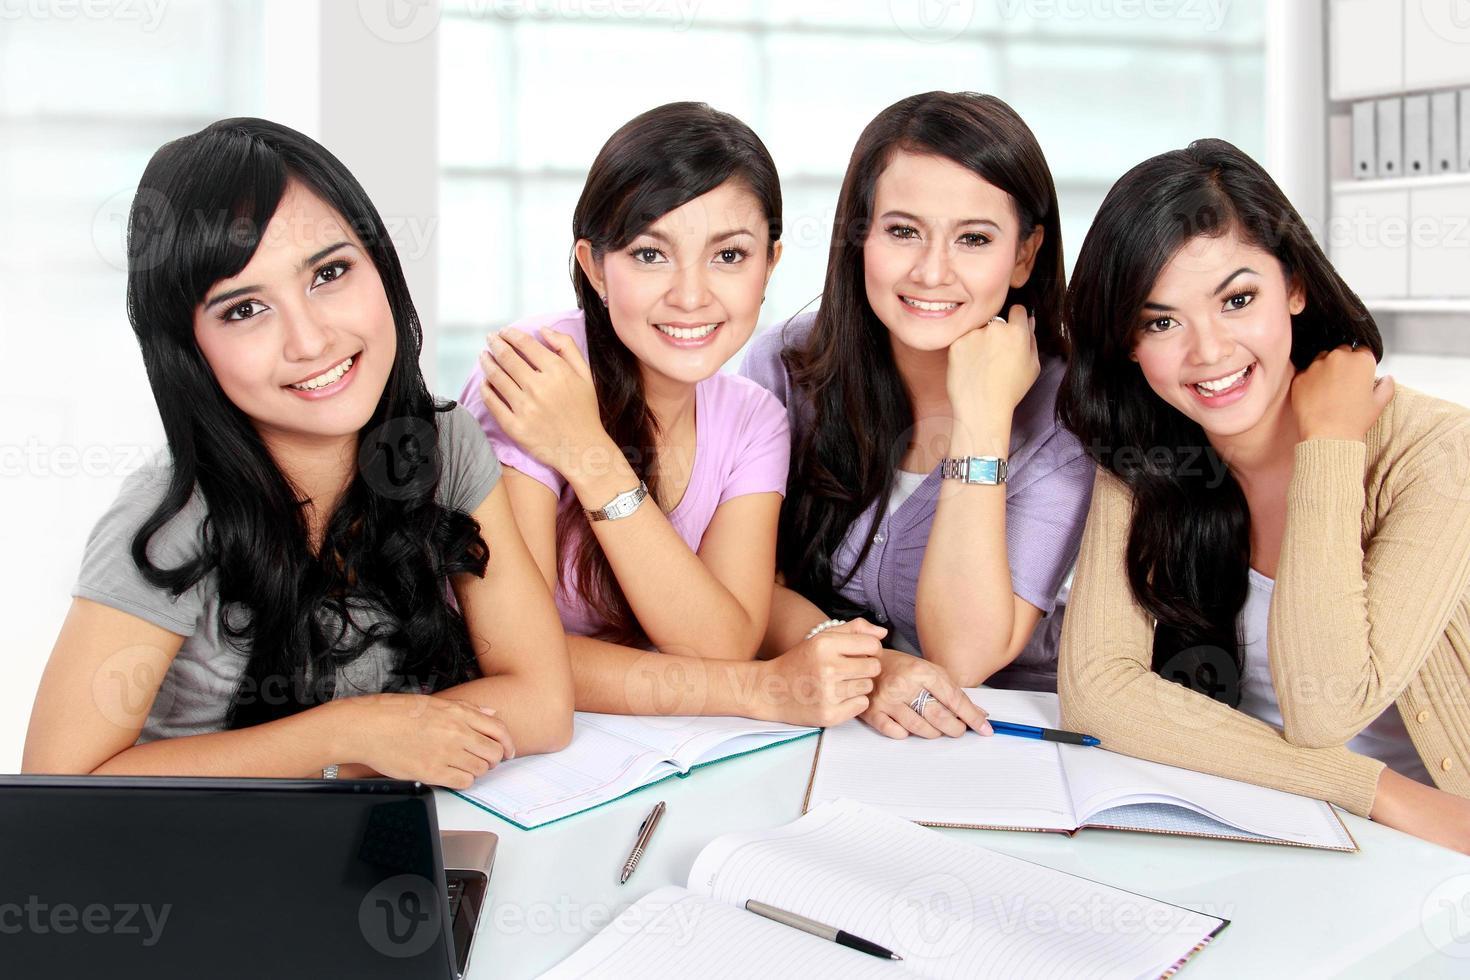 Gruppe von Studenten, die zusammen studieren foto